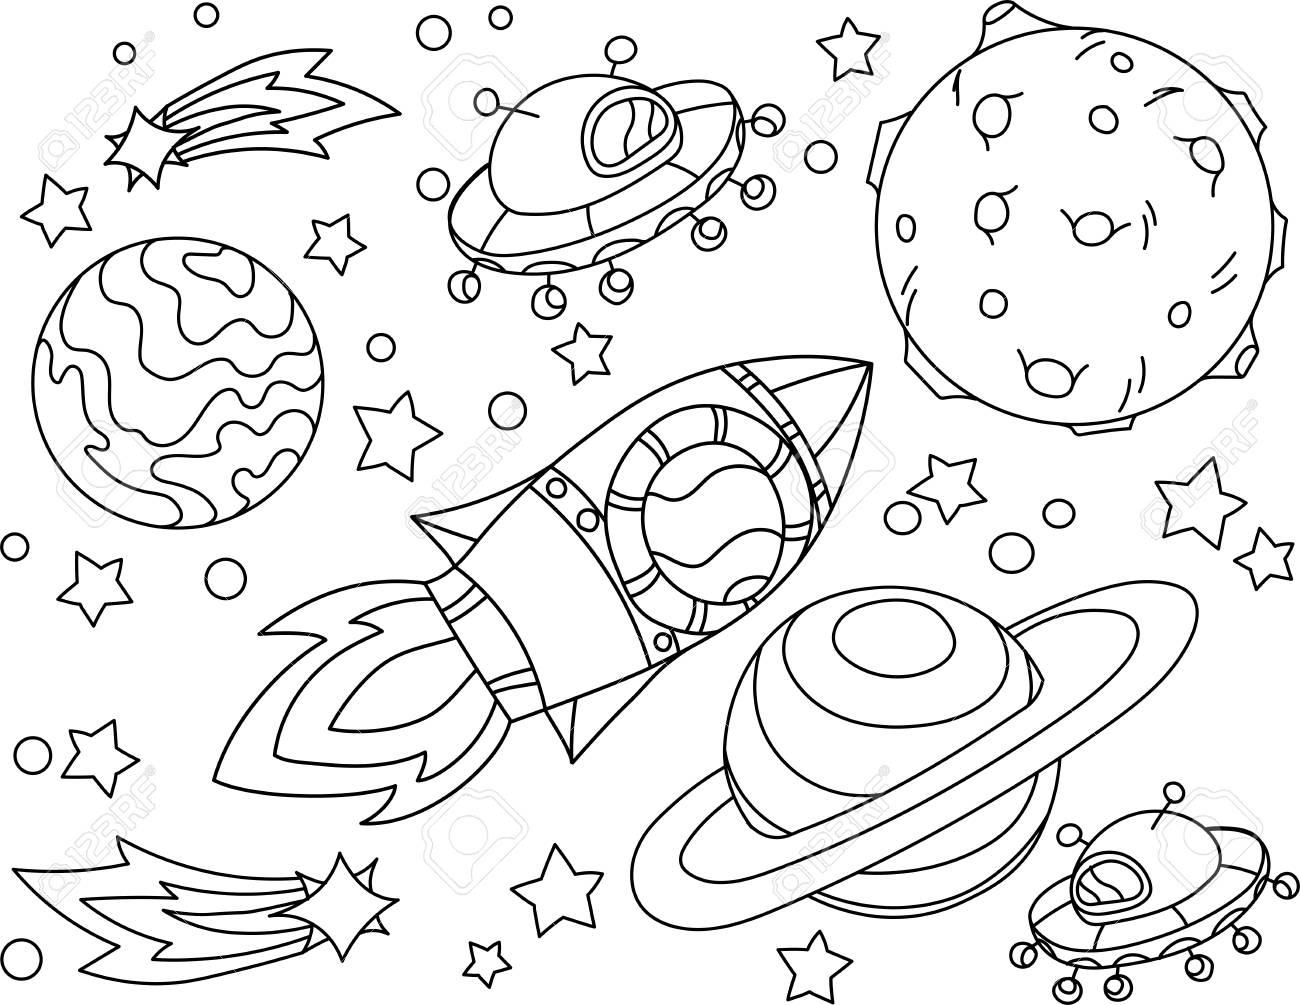 ロケットは塗り絵月へ飛ぶ抗ストレスの惑星地球月 Vetor